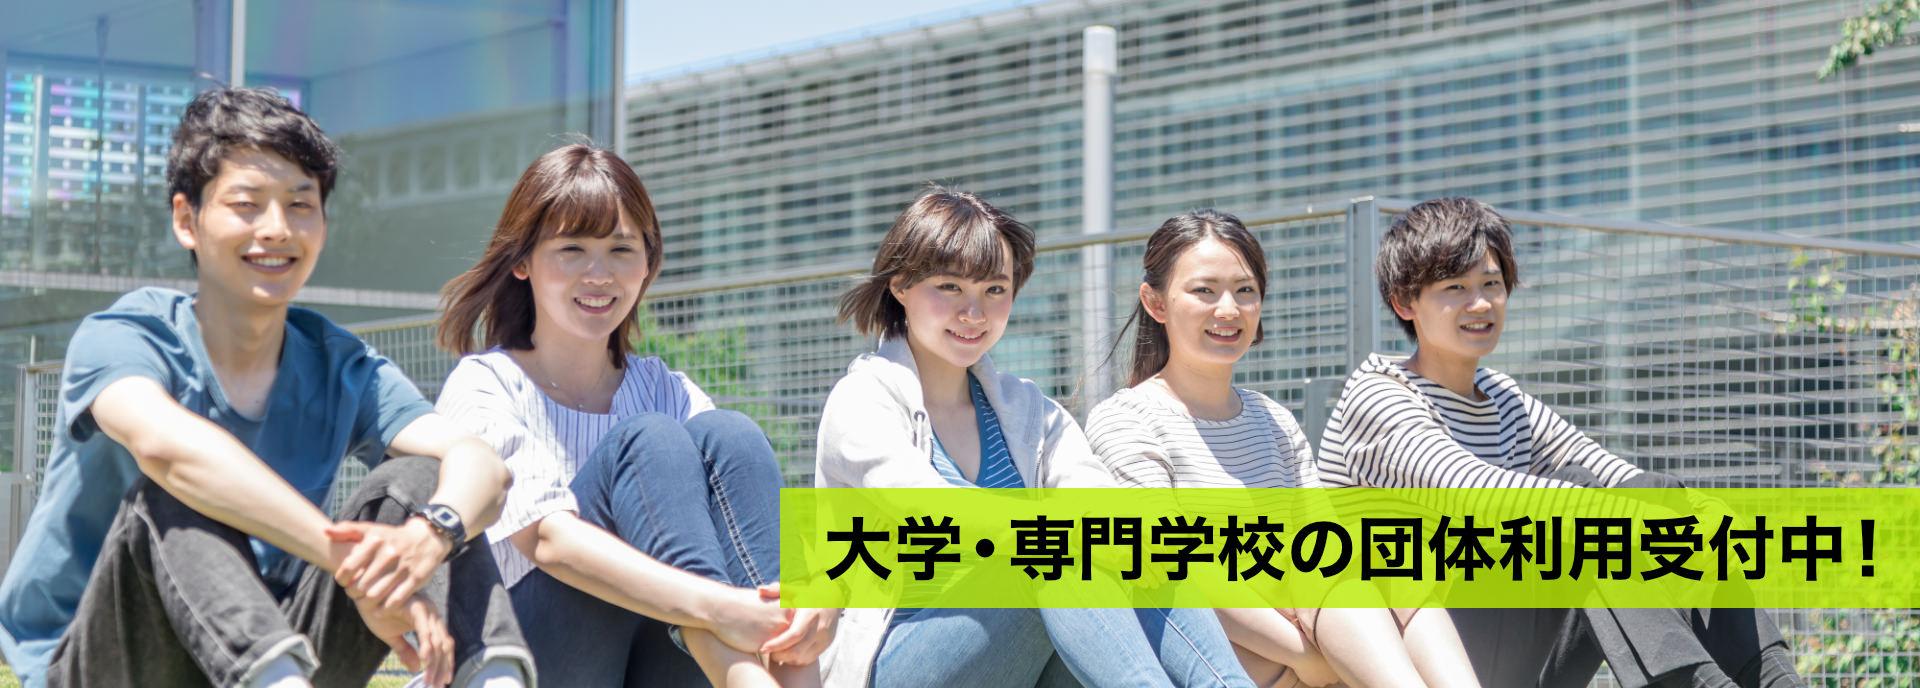 大学の団体利用スタート!